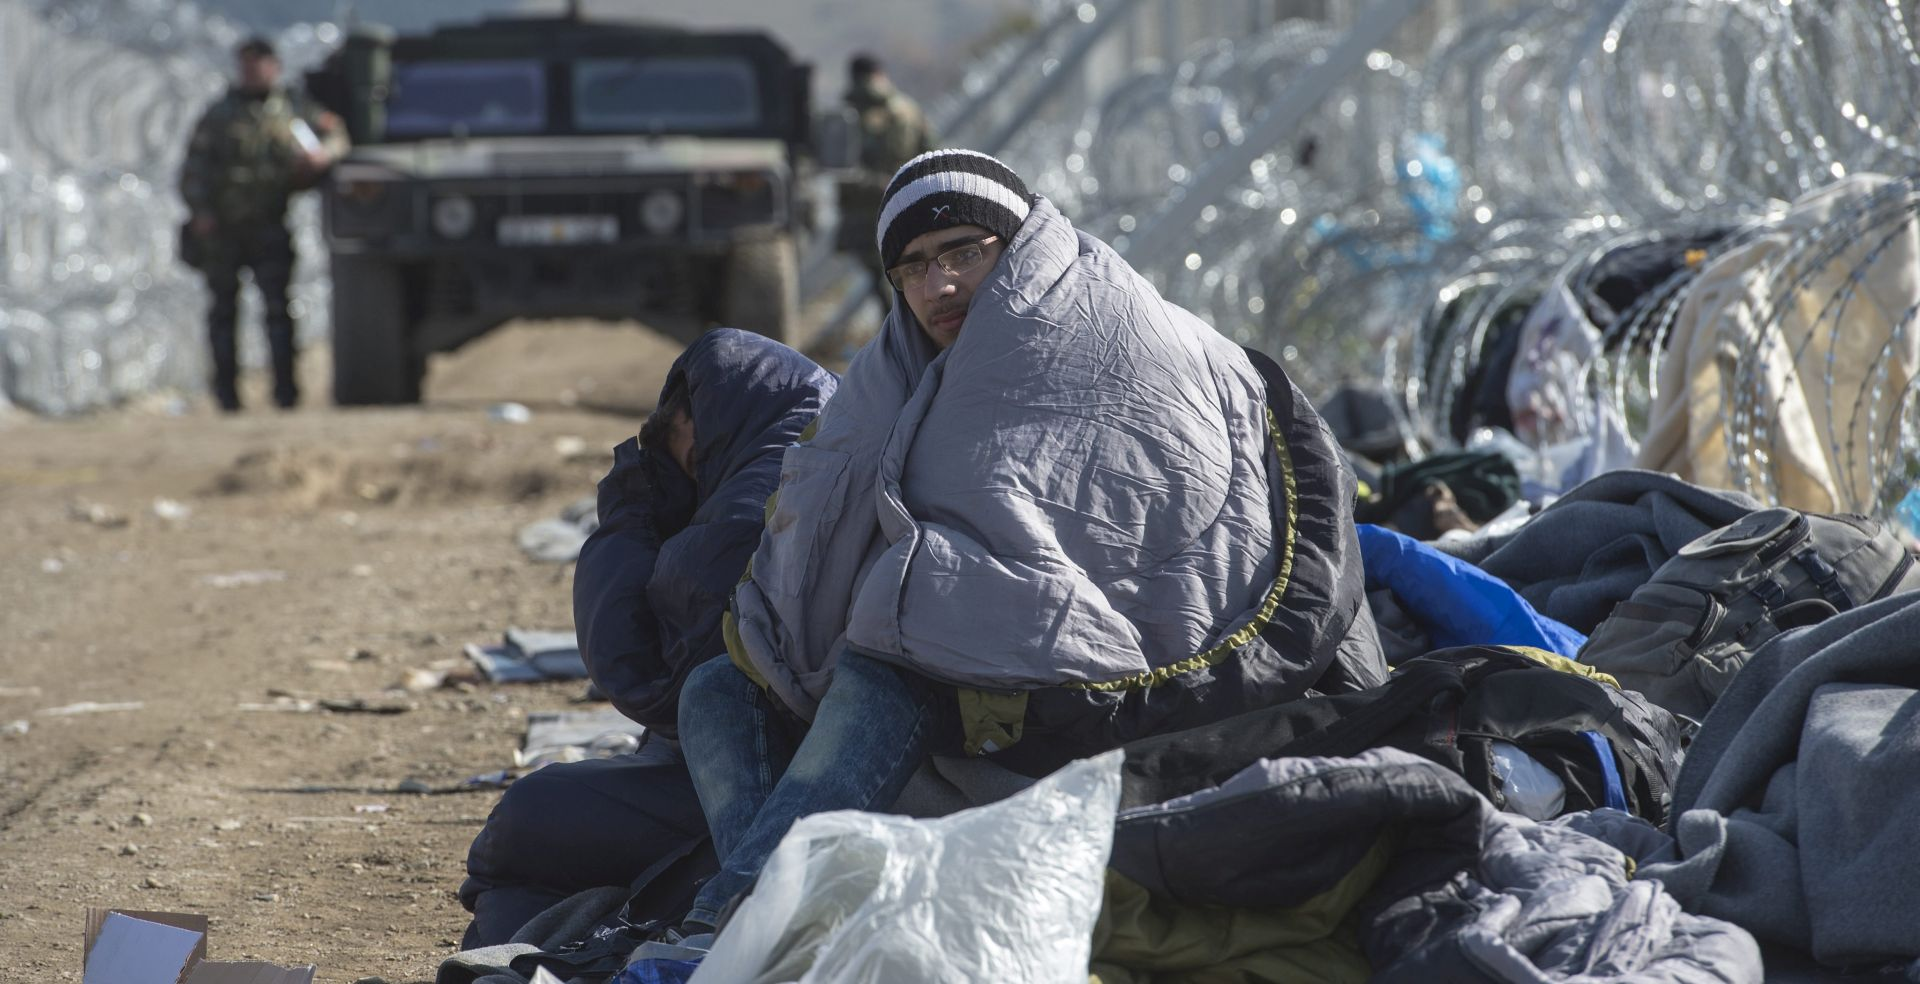 'SADA JE RED NA DRUGIMA' Austrija ne želi sudjelovati ni u kakvom sustavu kvota za raspodjelu izbjeglica